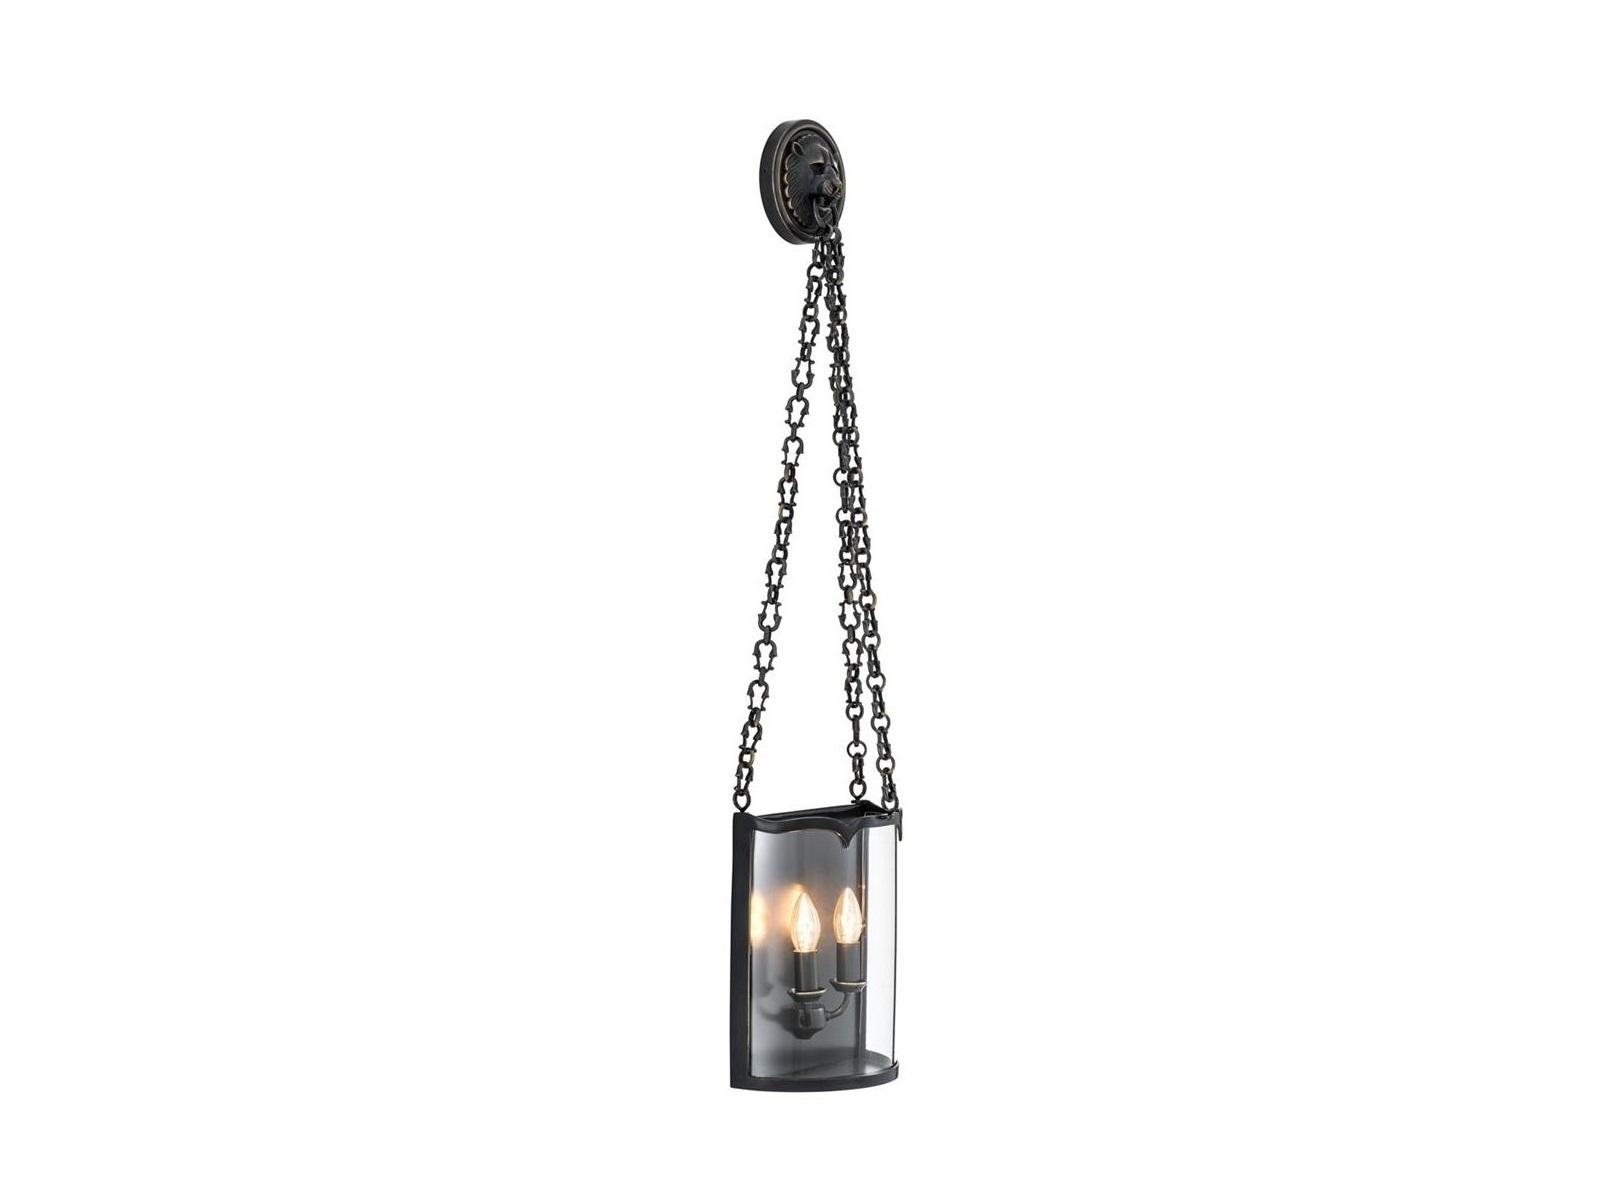 Настенный светильникБра<br>Настенный светильник Wall Lamp Giuliana выполнен из металла цвета пушечная бронза. Плафон из прозрачного стекла свисает на декоративной металлической цепи. Дизайн ламп в виде свечей в подсвечниках.&amp;lt;div&amp;gt;&amp;lt;br&amp;gt;&amp;lt;/div&amp;gt;&amp;lt;div&amp;gt;&amp;lt;div&amp;gt;Тип цоколя: E14&amp;lt;/div&amp;gt;&amp;lt;div&amp;gt;Мощность: 40W&amp;lt;/div&amp;gt;&amp;lt;div&amp;gt;Кол-во ламп: 2 (нет в комплекте)&amp;lt;/div&amp;gt;&amp;lt;/div&amp;gt;<br><br>Material: Металл<br>Ширина см: 26<br>Высота см: 110<br>Глубина см: 3